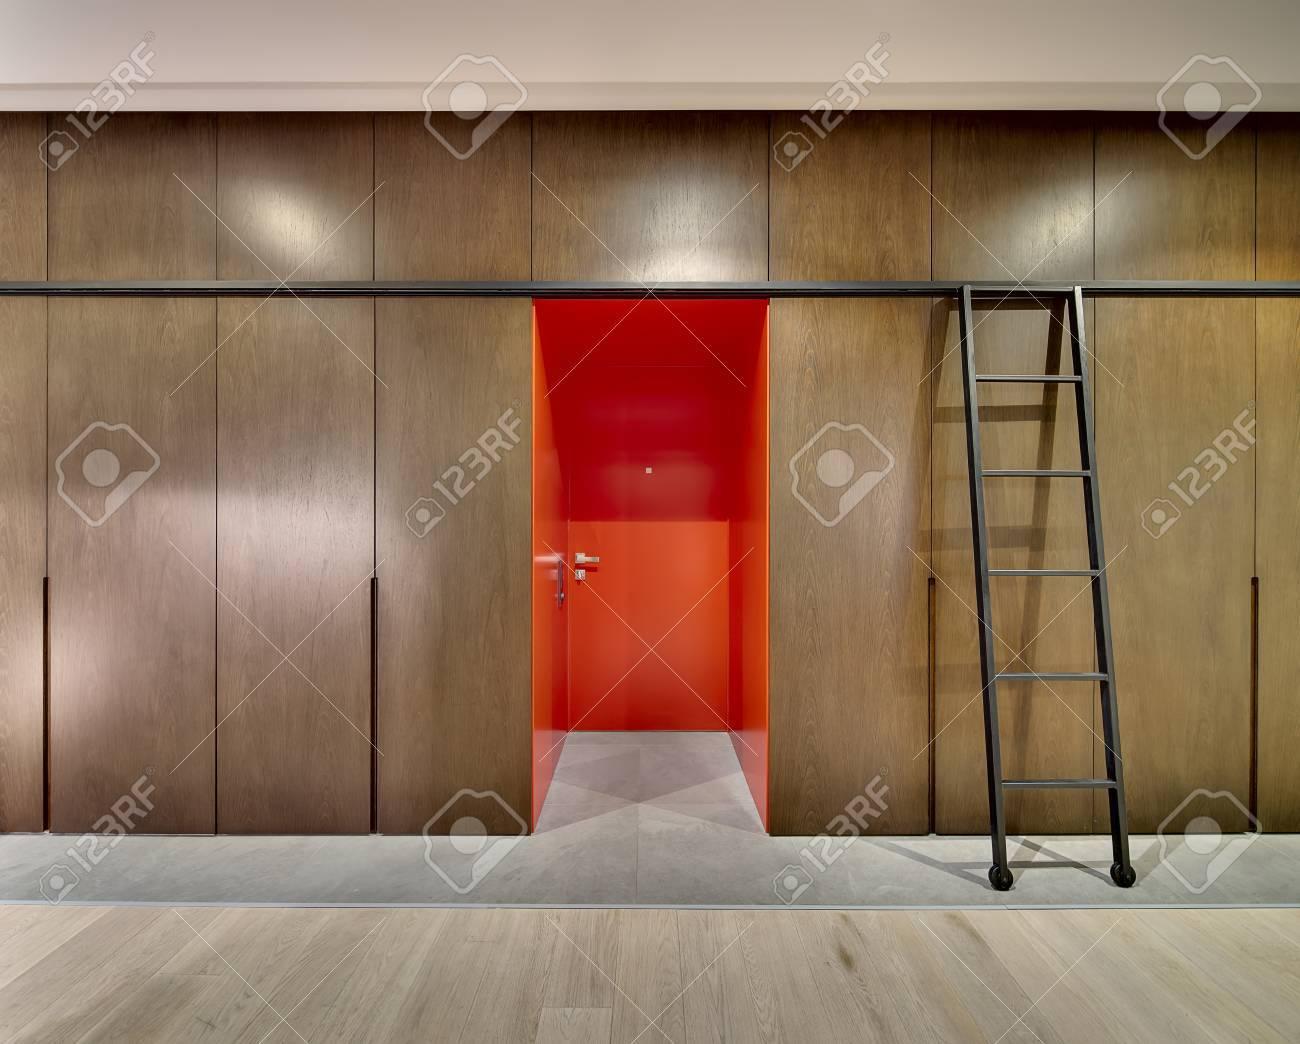 Helle Rote Eingangstür Mit Holzschränke Und Schließfächer An Den ...